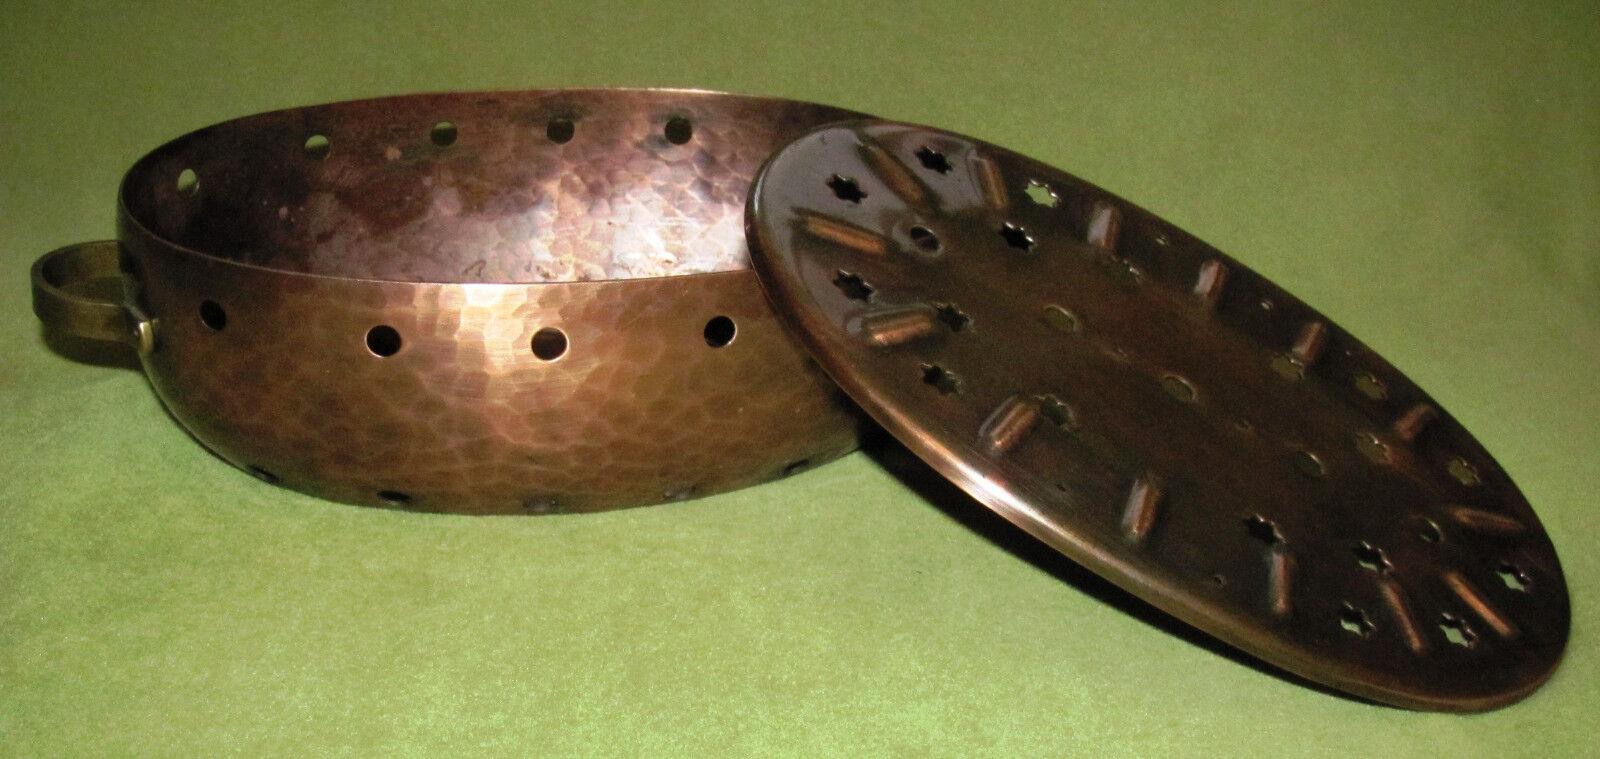 Kupfer Messing Stövchen Stövchen Stövchen 2 Flammig Hammerschlag Zint Handarbeit 185     | Das hochwertigste Material  2650a0